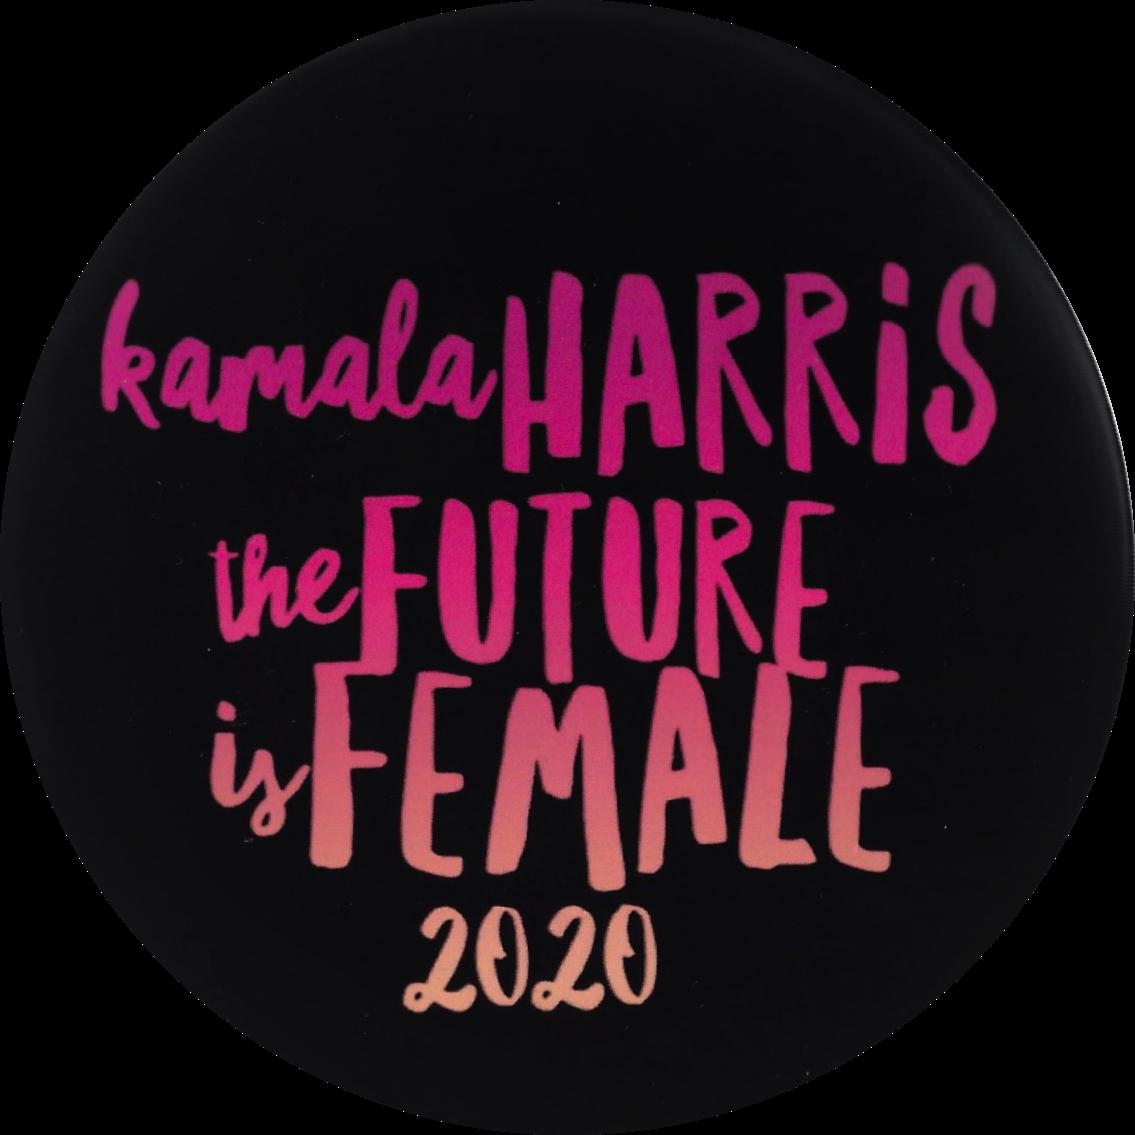 Kamala Harris, The Future is Female 2020